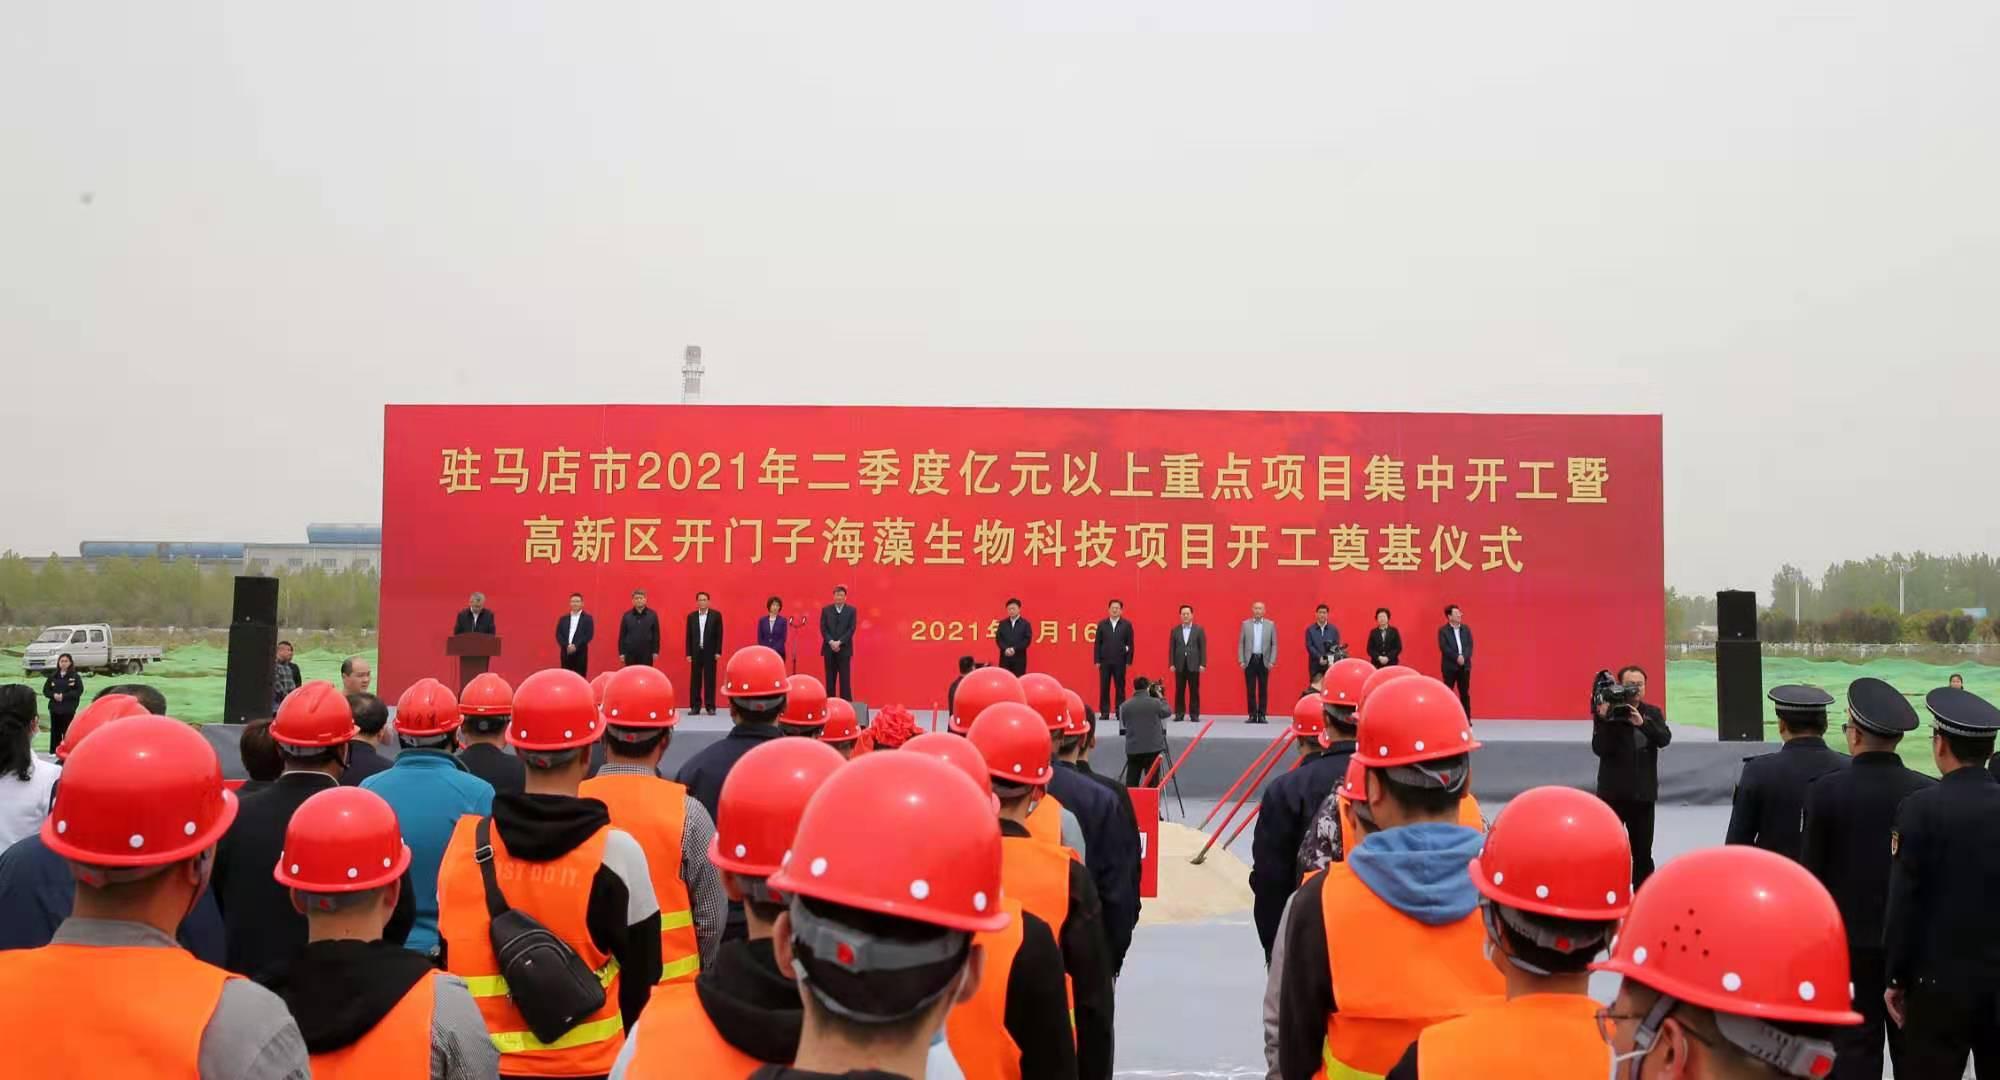 驻马店市第二季度亿元以上 重点项目集中开工